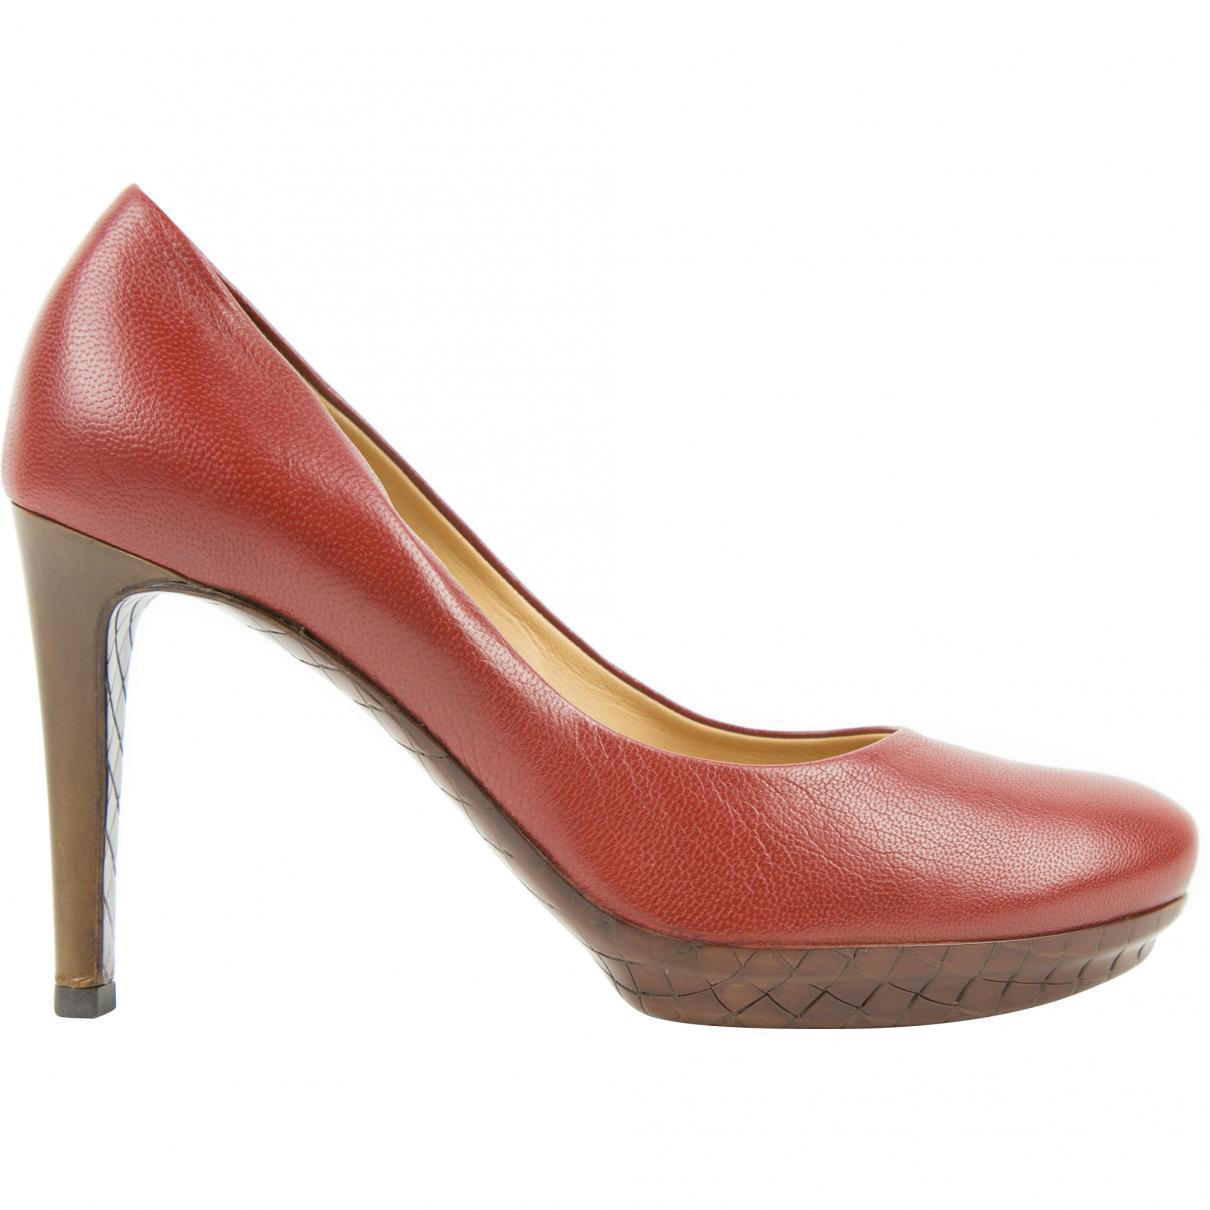 Pre-owned - Leather mid heel Bottega Veneta EHlMQN